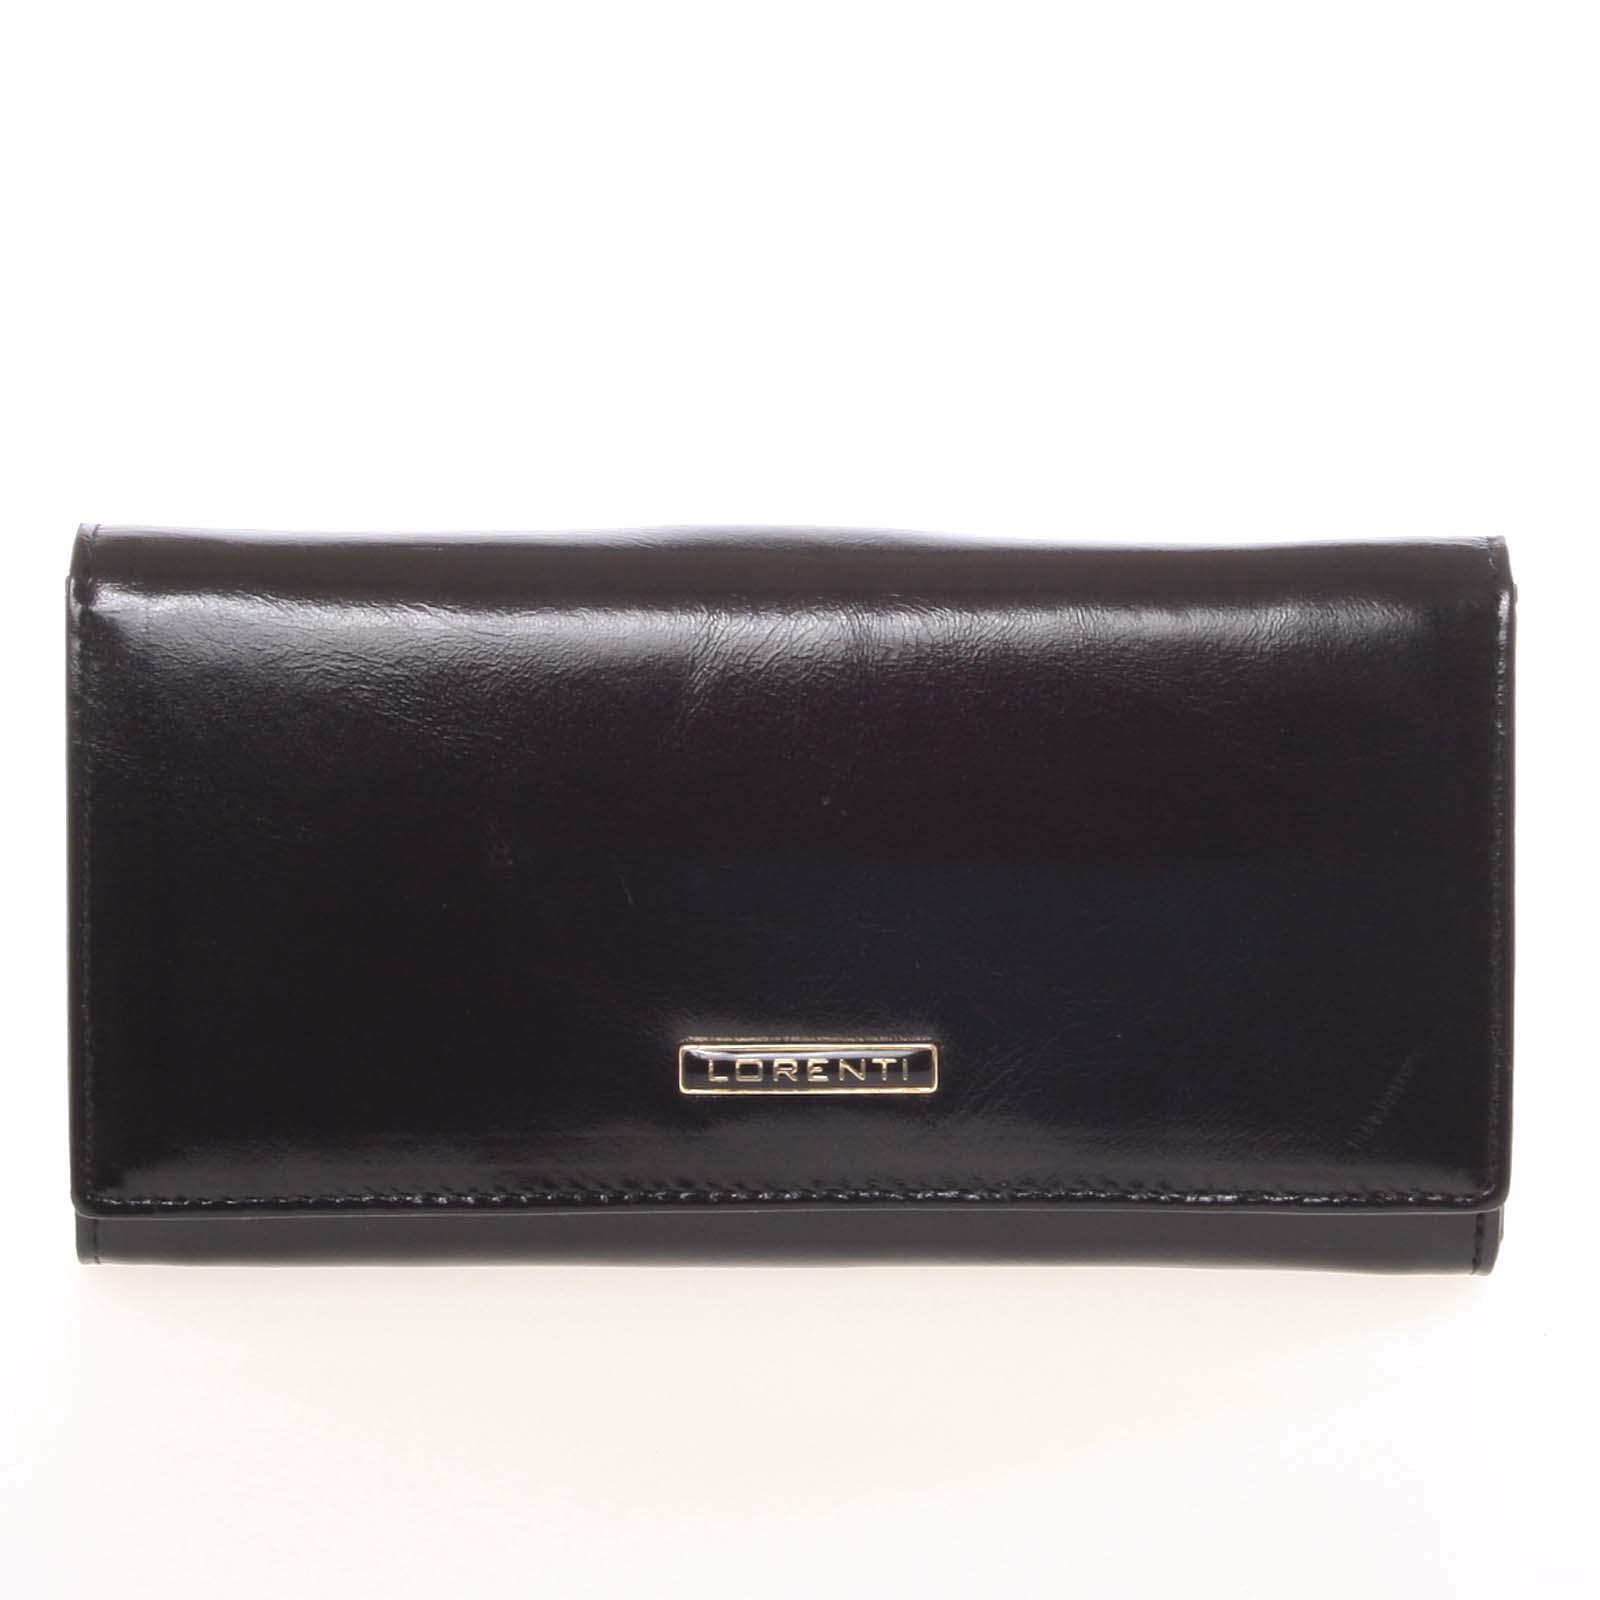 Luxusní dámská kožená peněženka černá - Lorenti 4003N